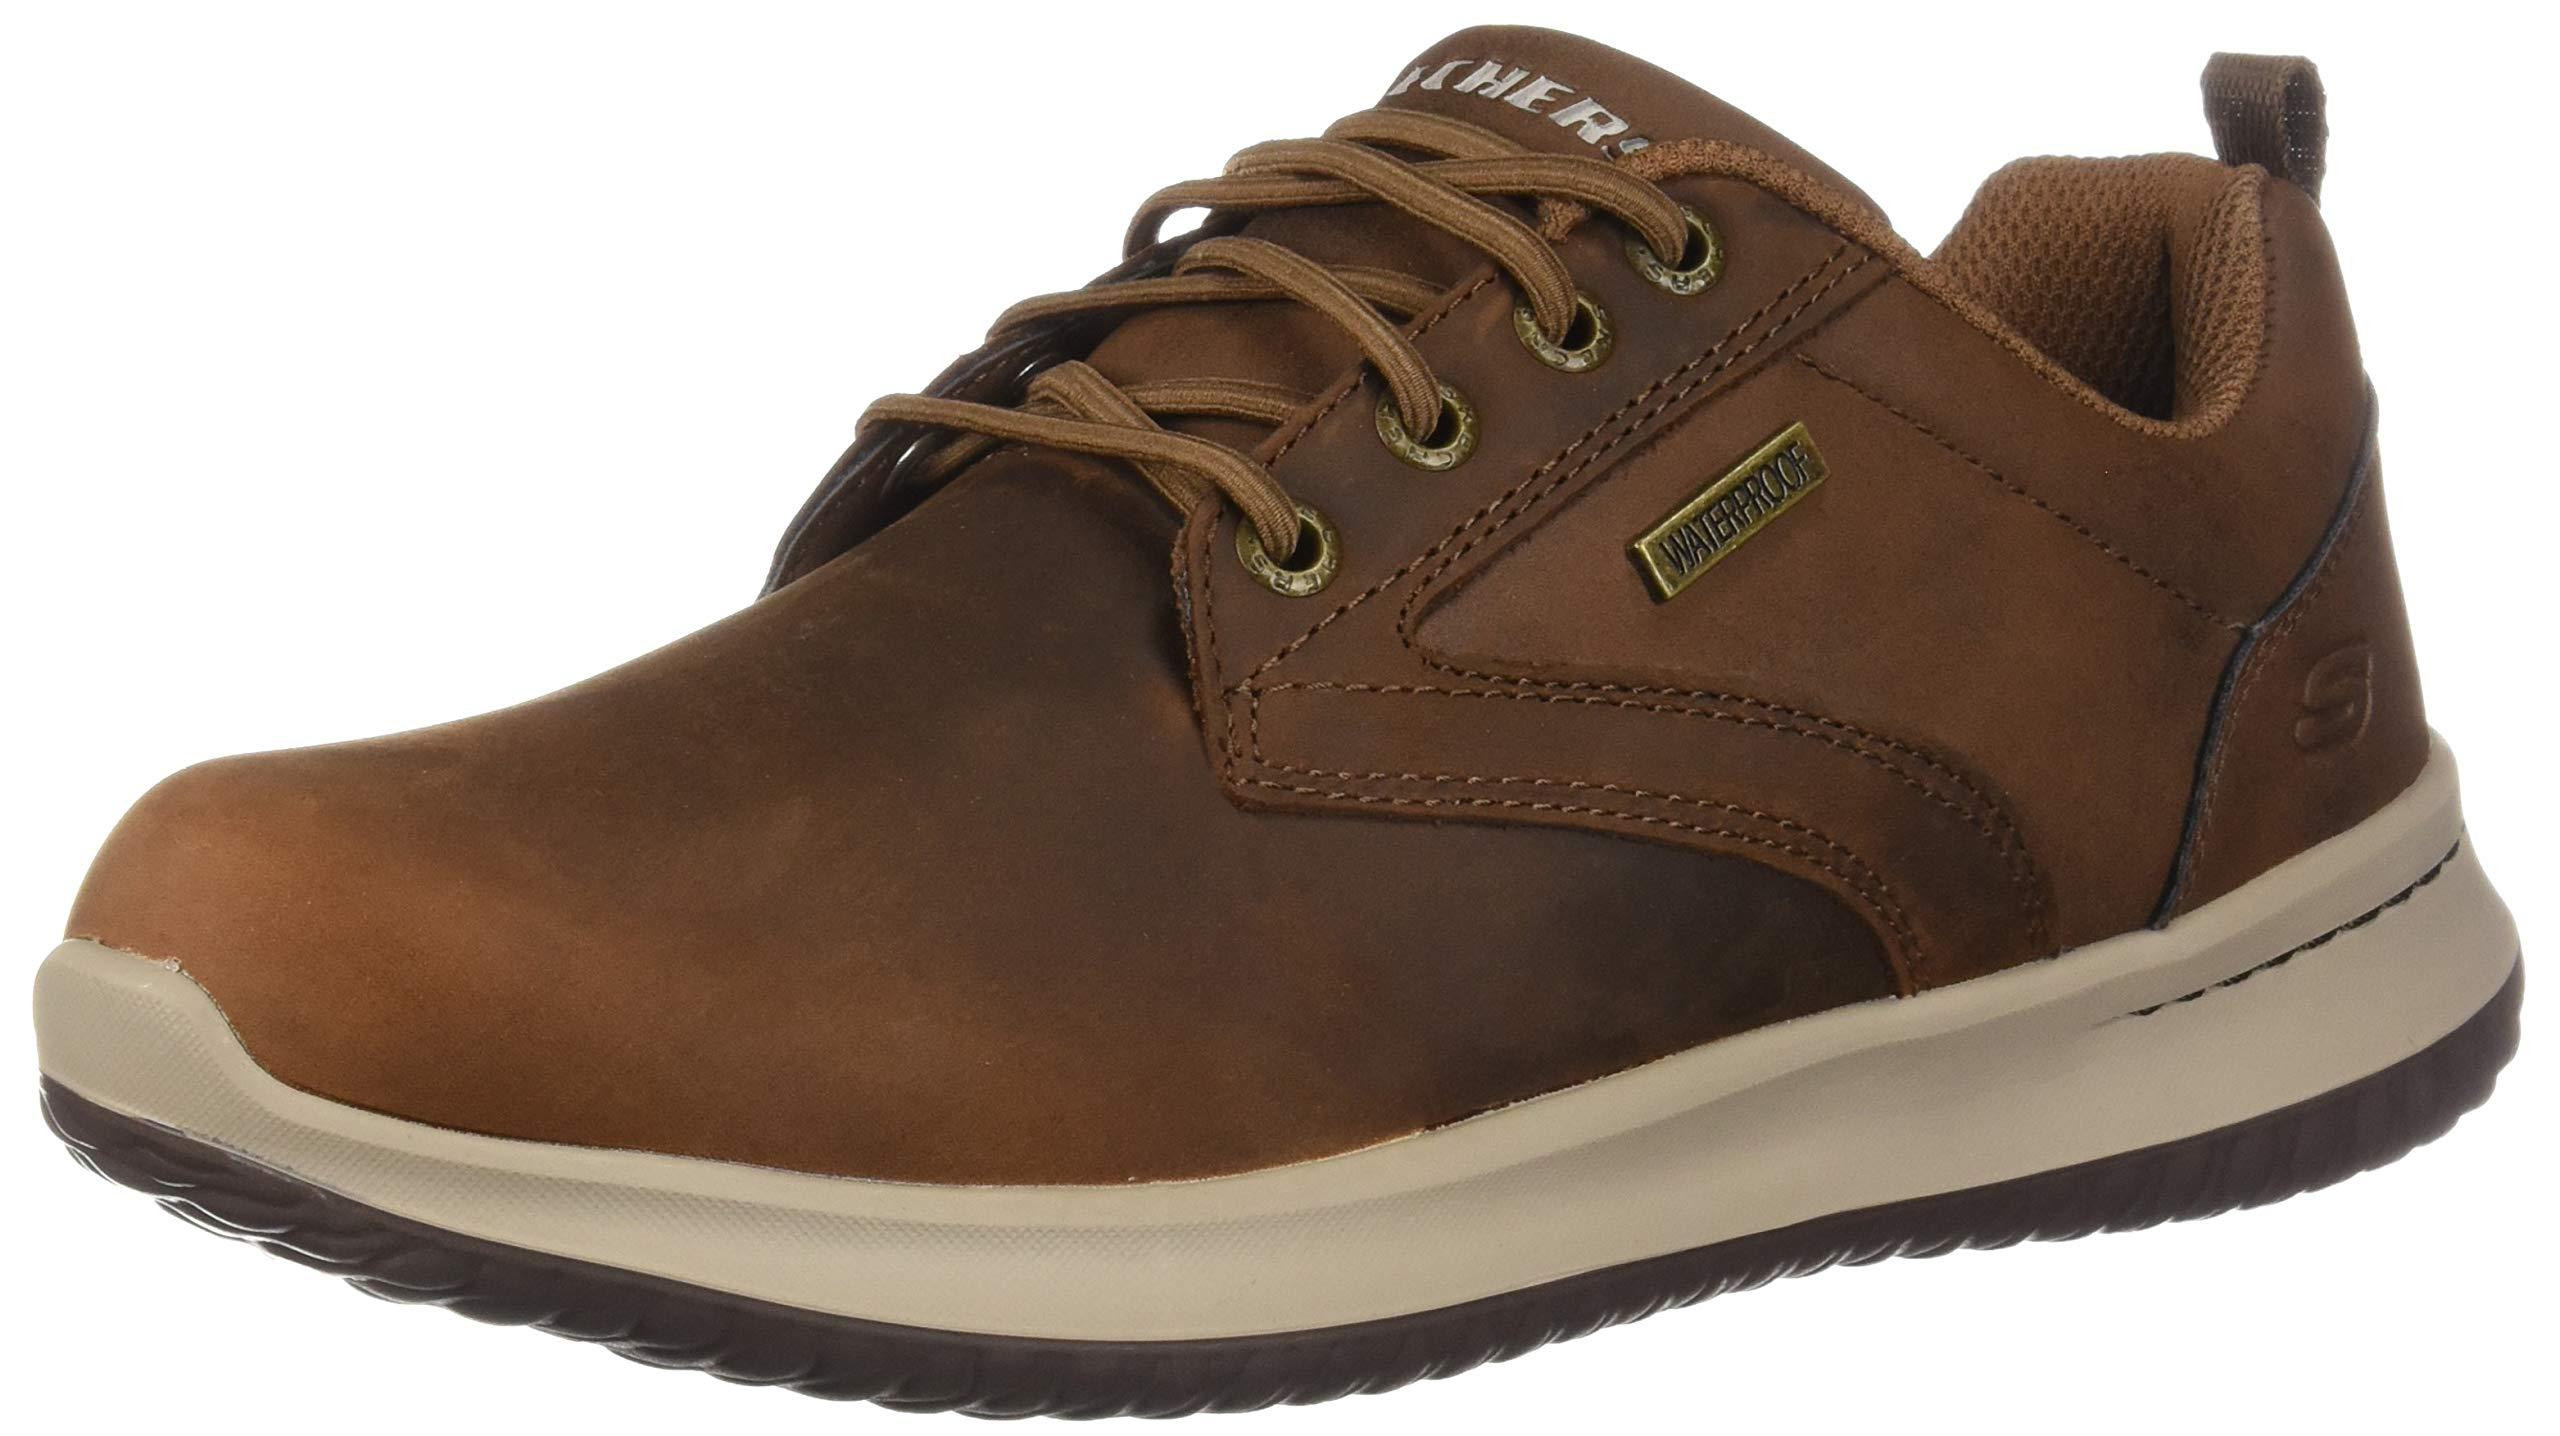 204437980c Mejor valorados en Zapatos de cordones para hombre   Opiniones ...